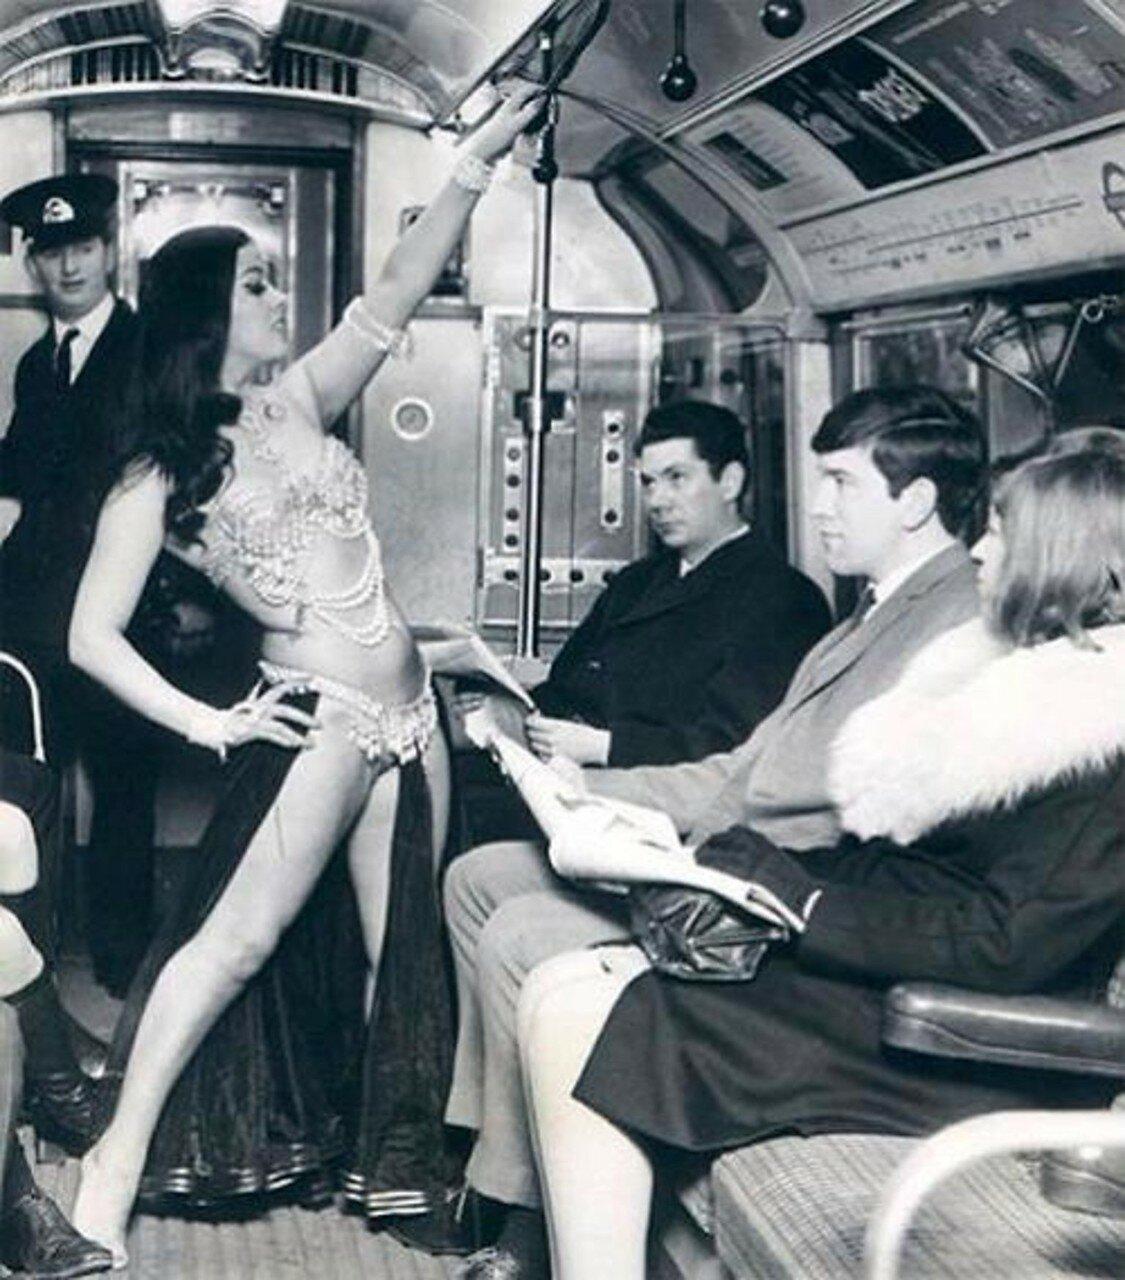 1968. Исполнительница танца живота в лондонском метро